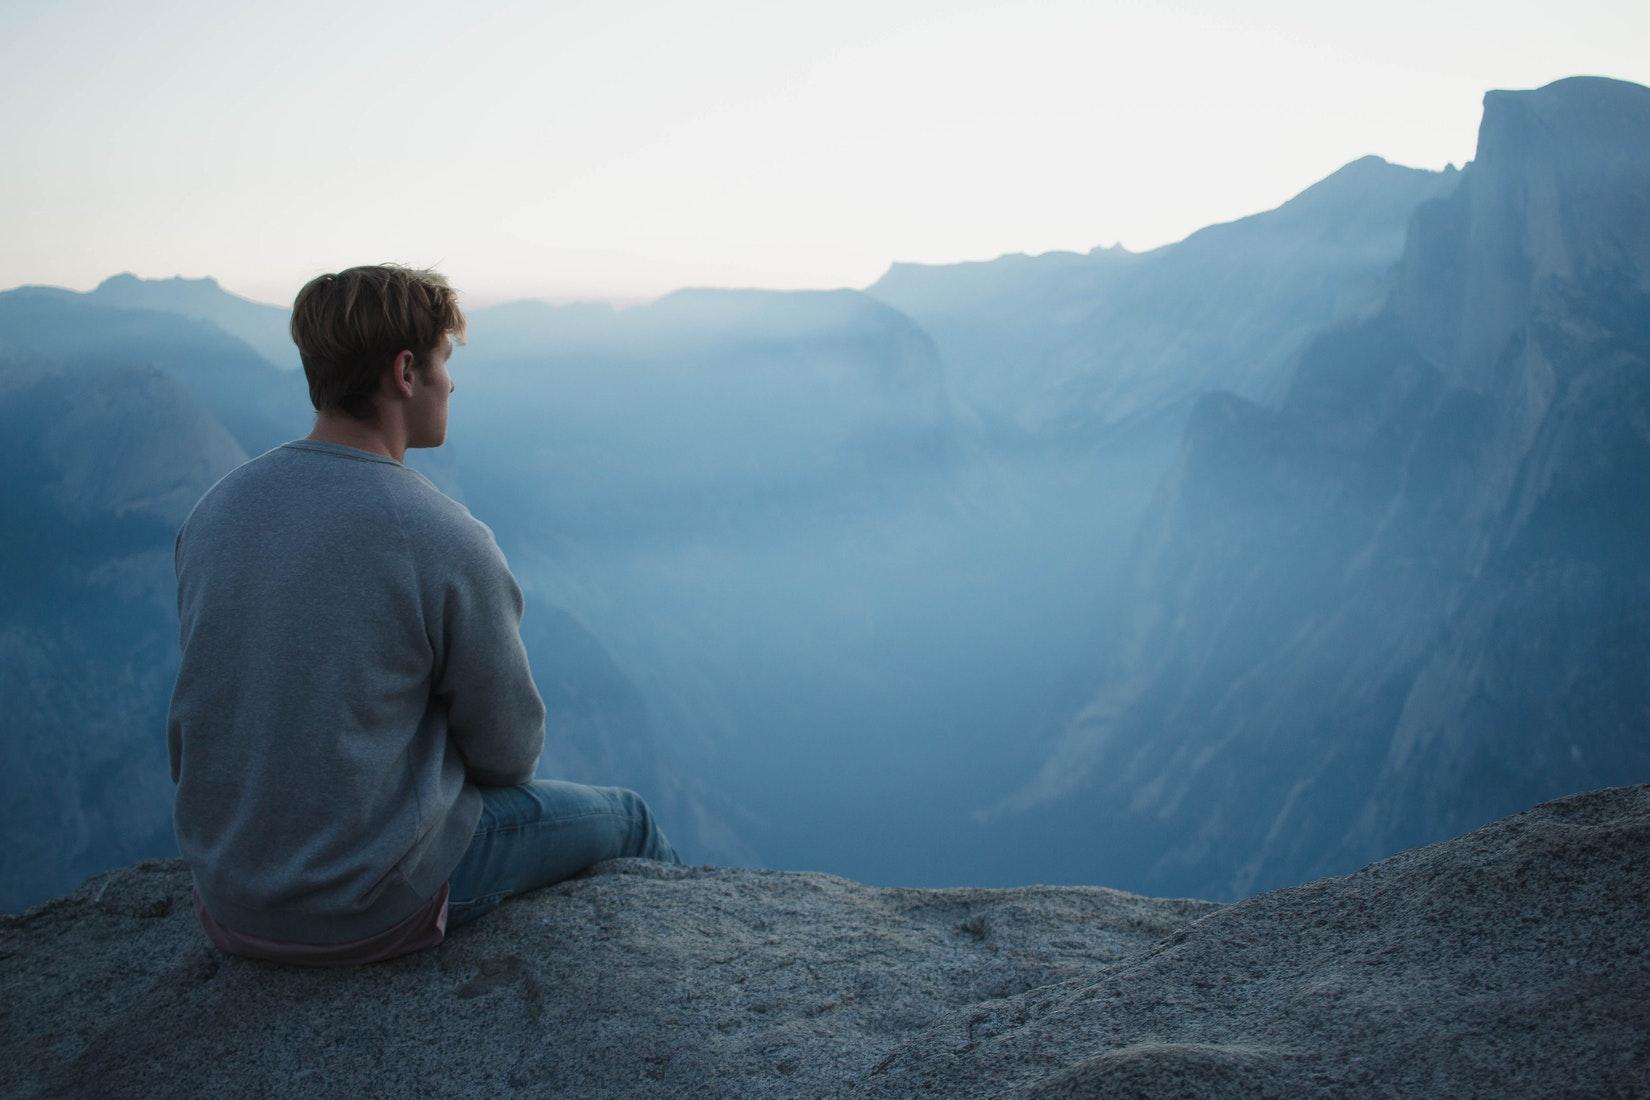 La méditation et les émotions positives